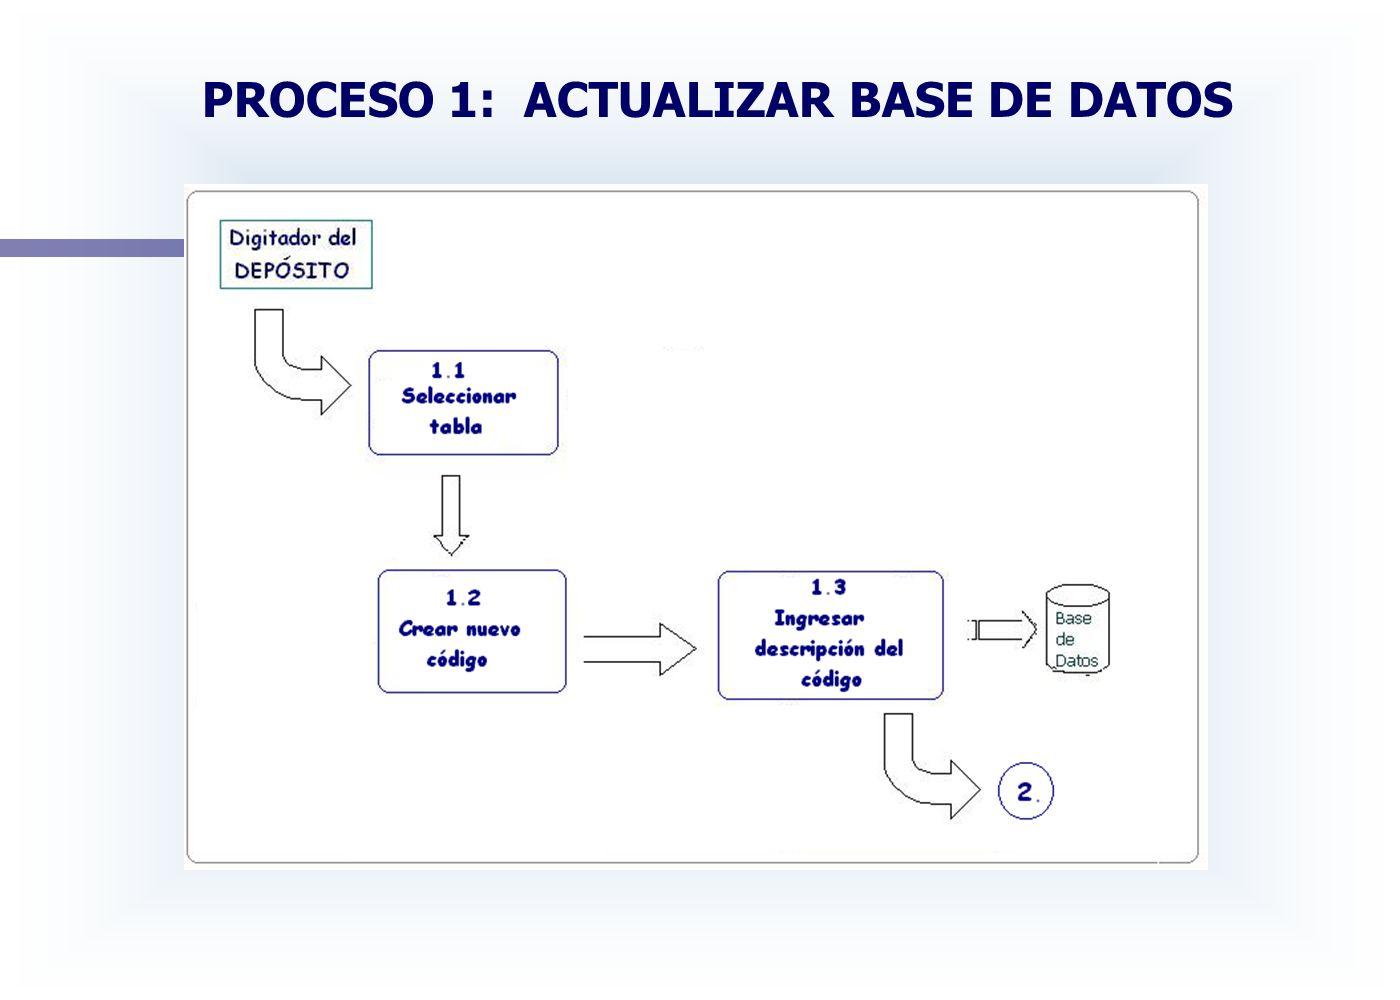 PROCESO 1: ACTUALIZAR BASE DE DATOS